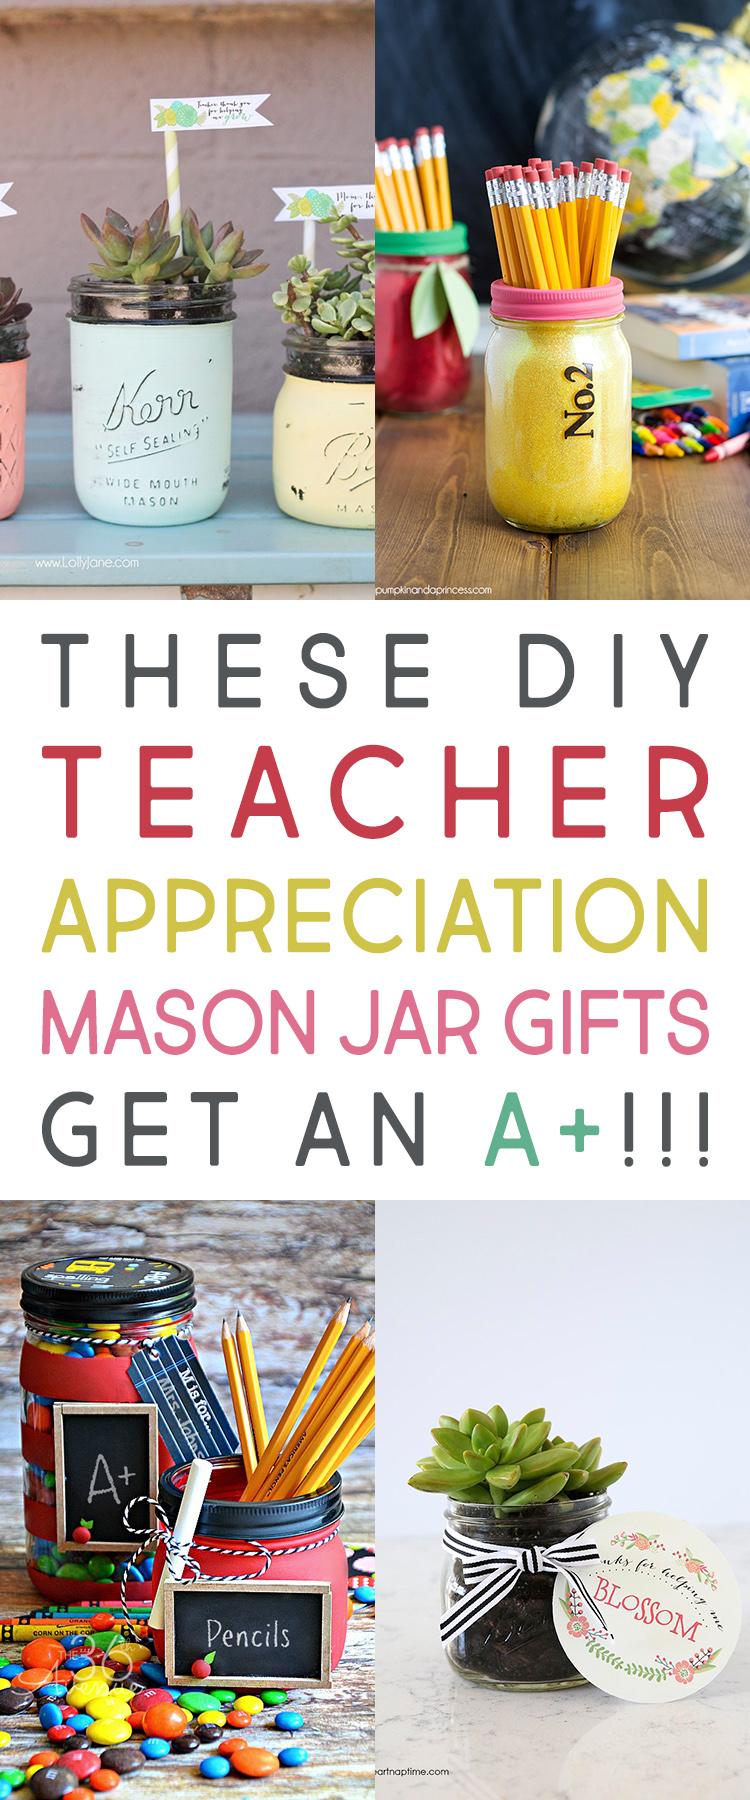 These DIY Teacher Appreciation Mason Jar Gifts Get An A+!!!